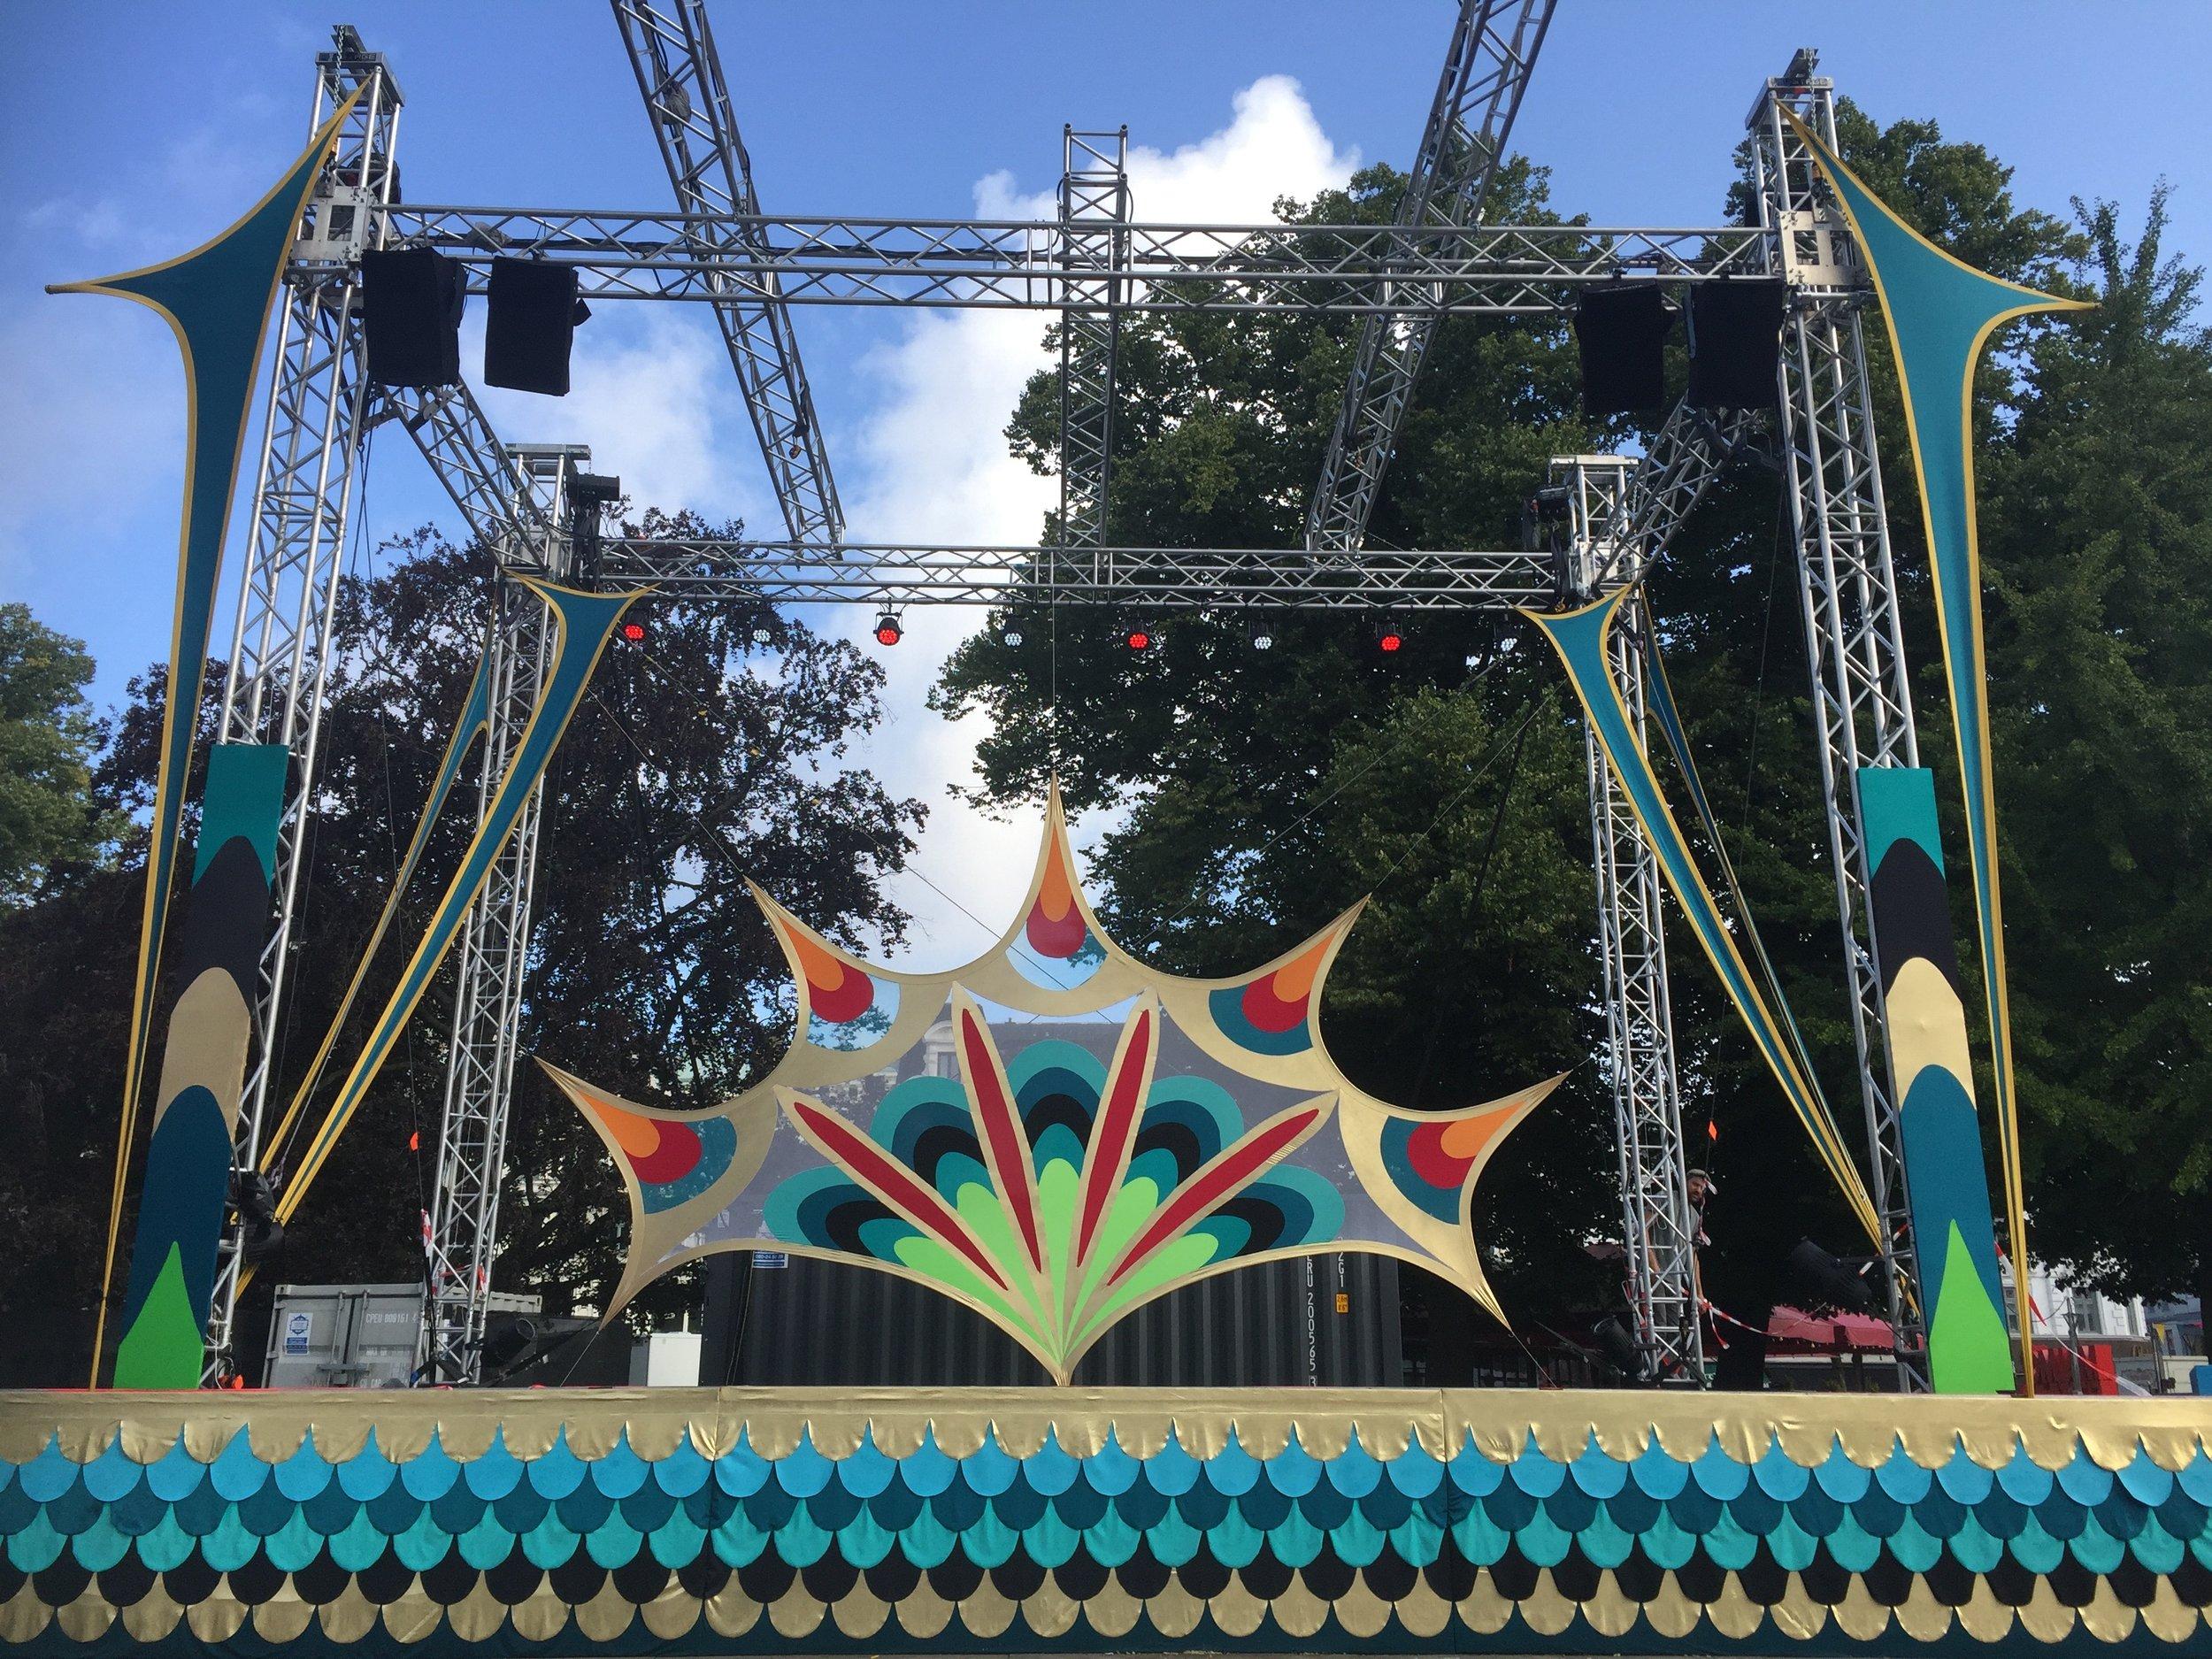 Malmö Festivalen Gustav Adolfs torg 2017